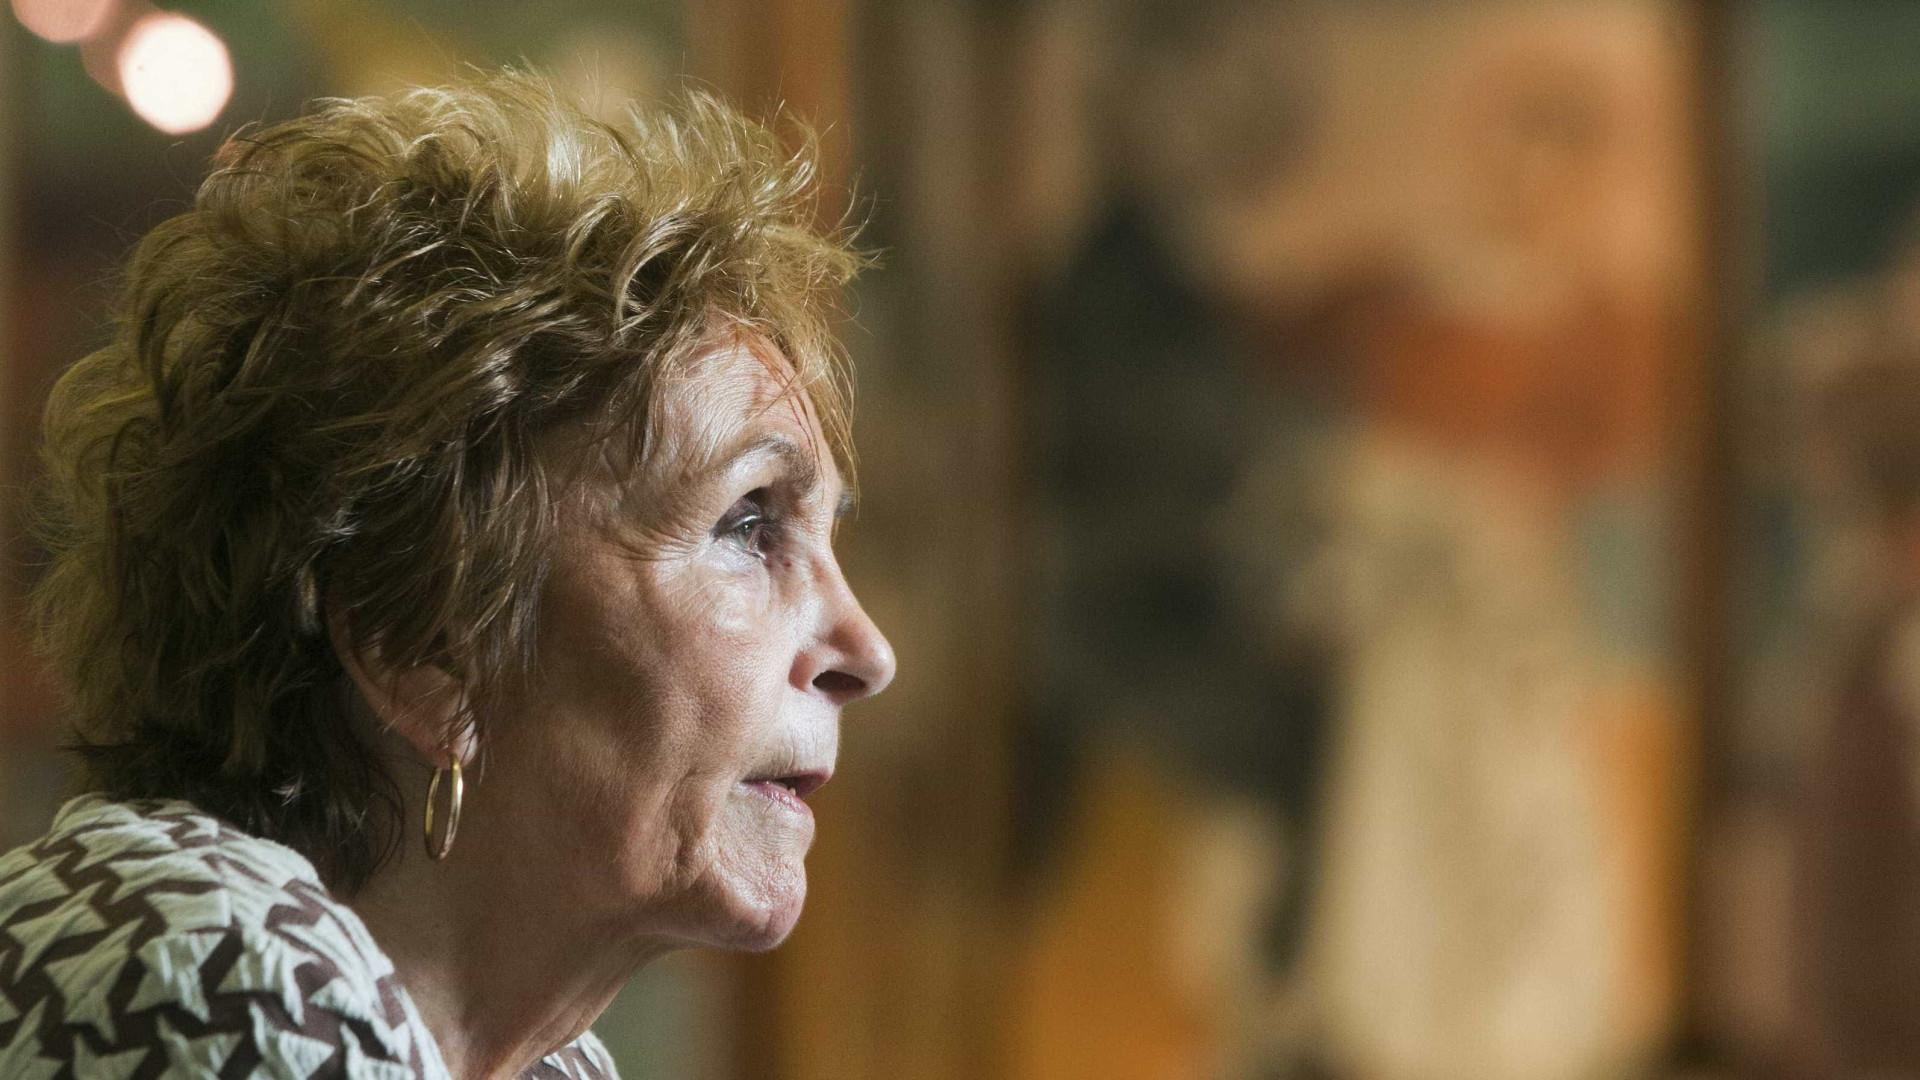 Retrato raro de Paula Rego arrematado por 266 mil euros em Londres